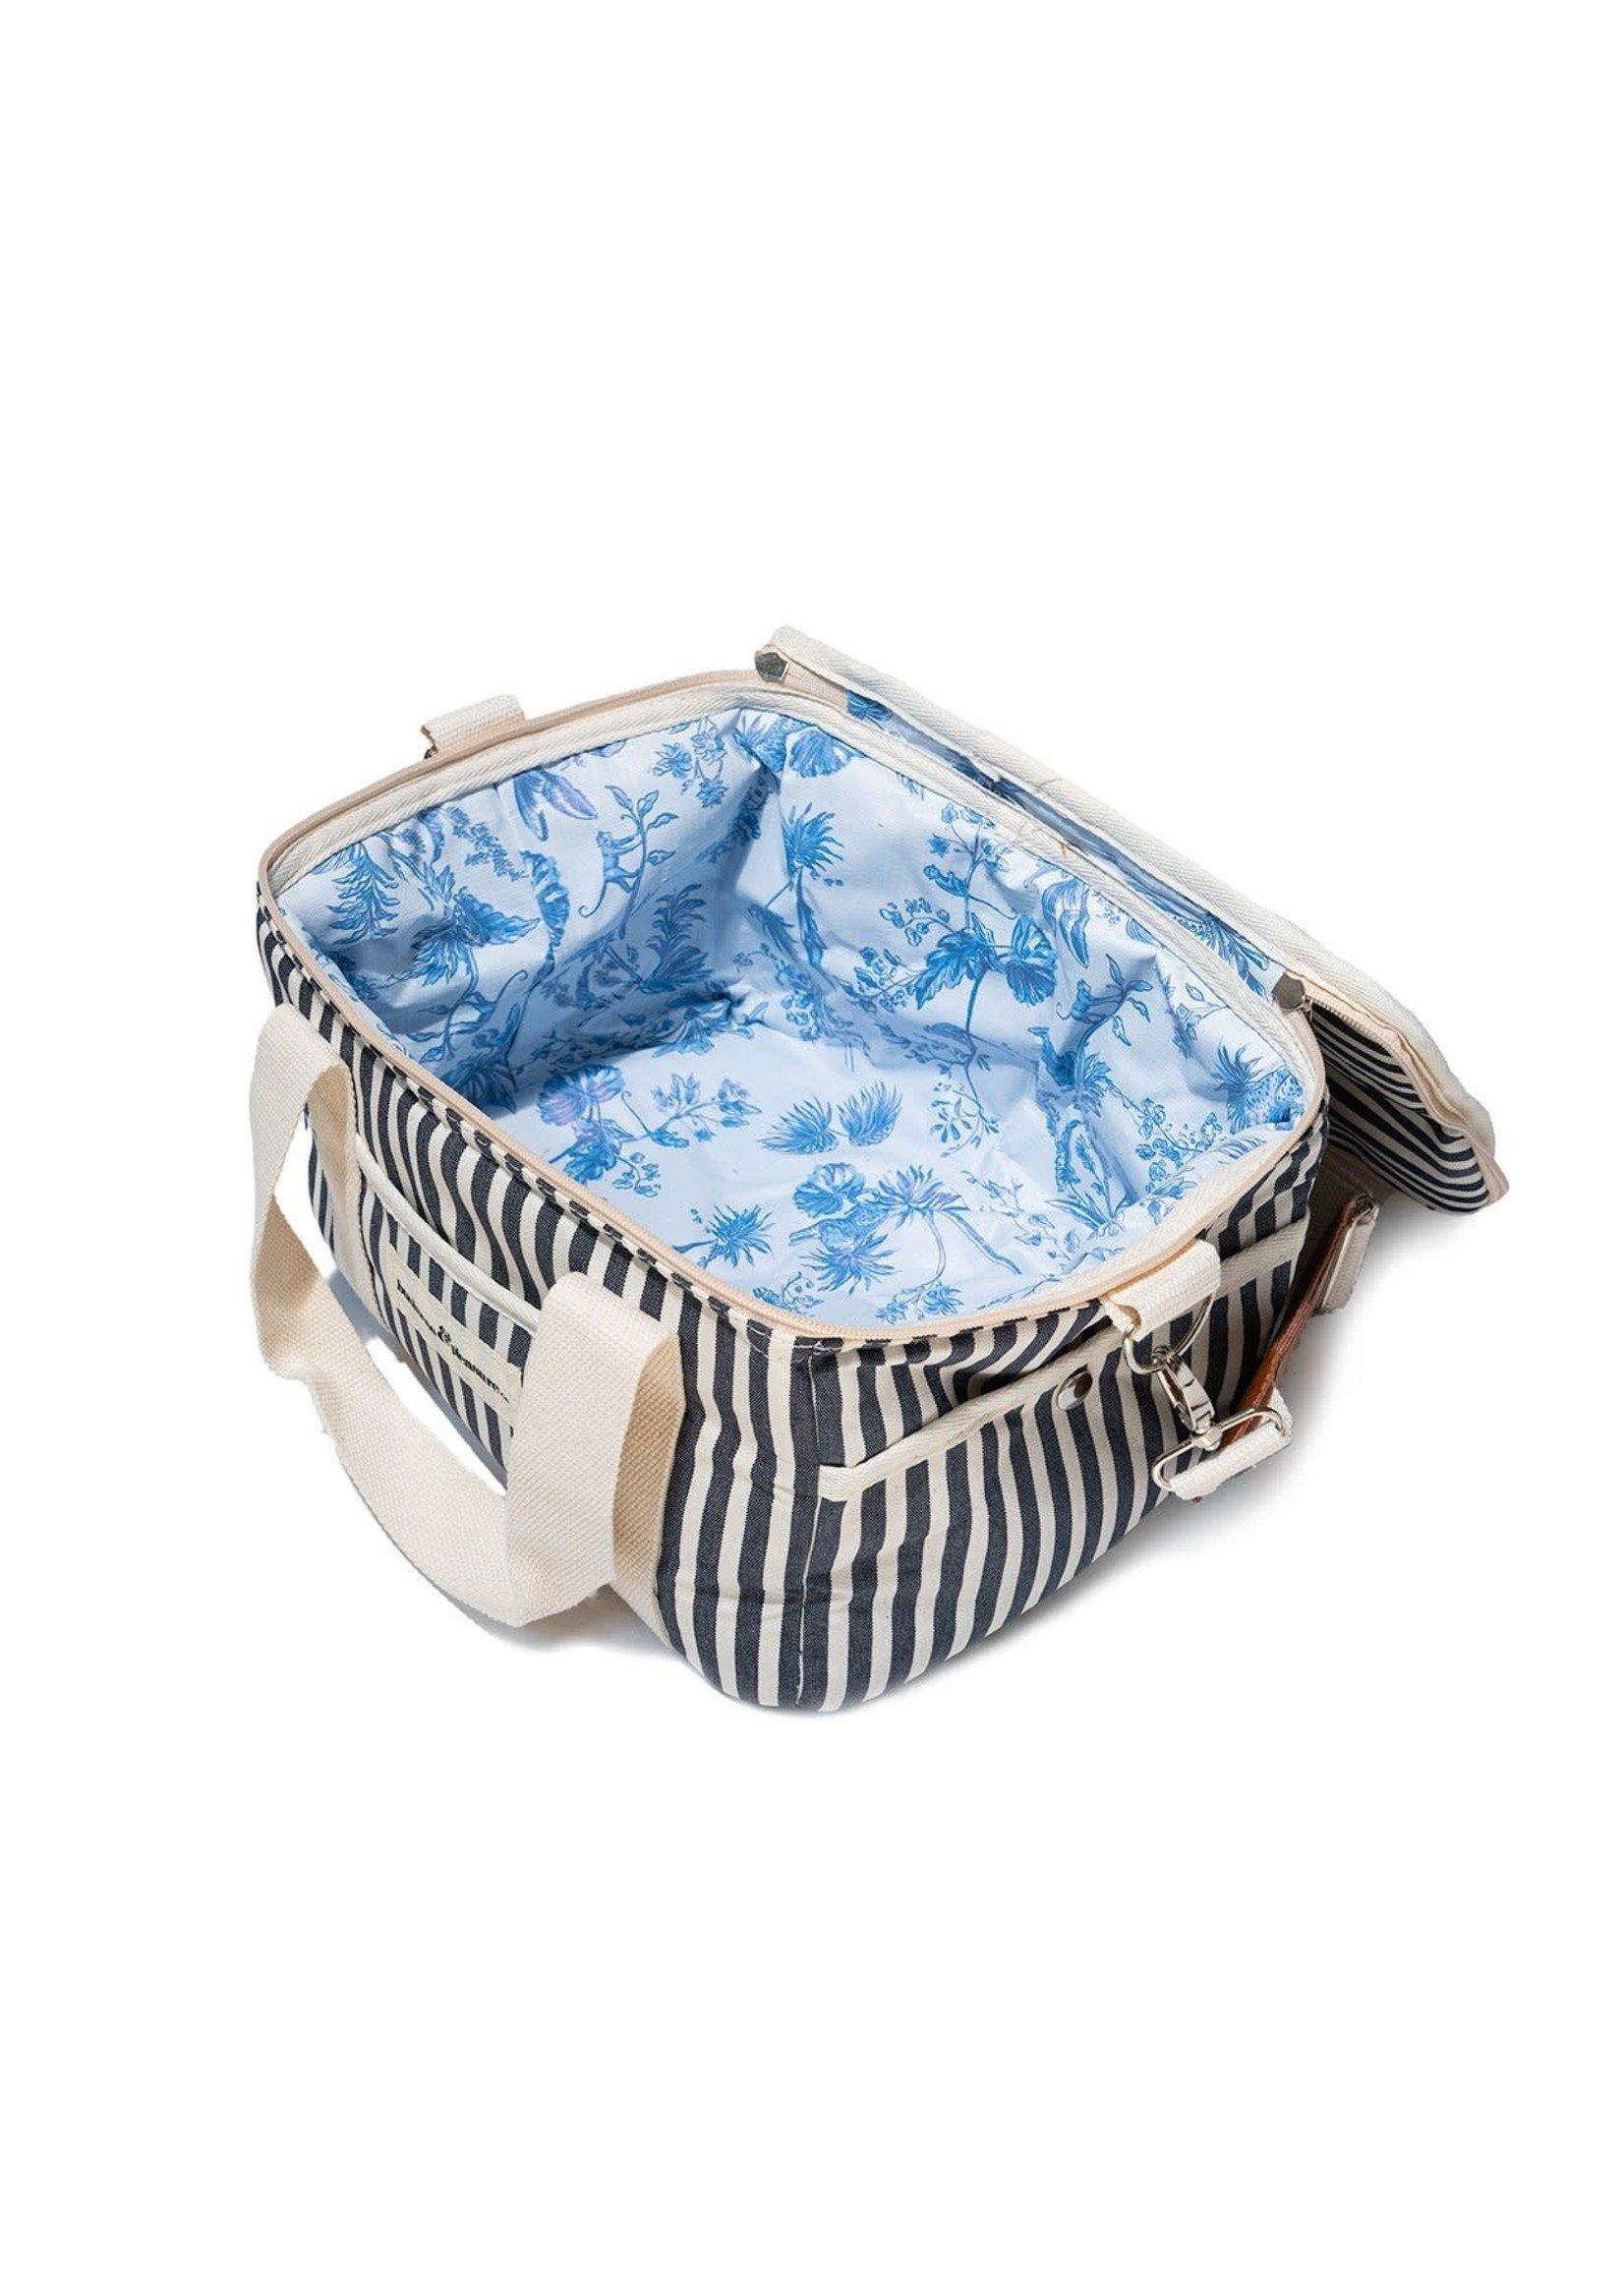 Premium Cooler - Laurens Navy Stripe